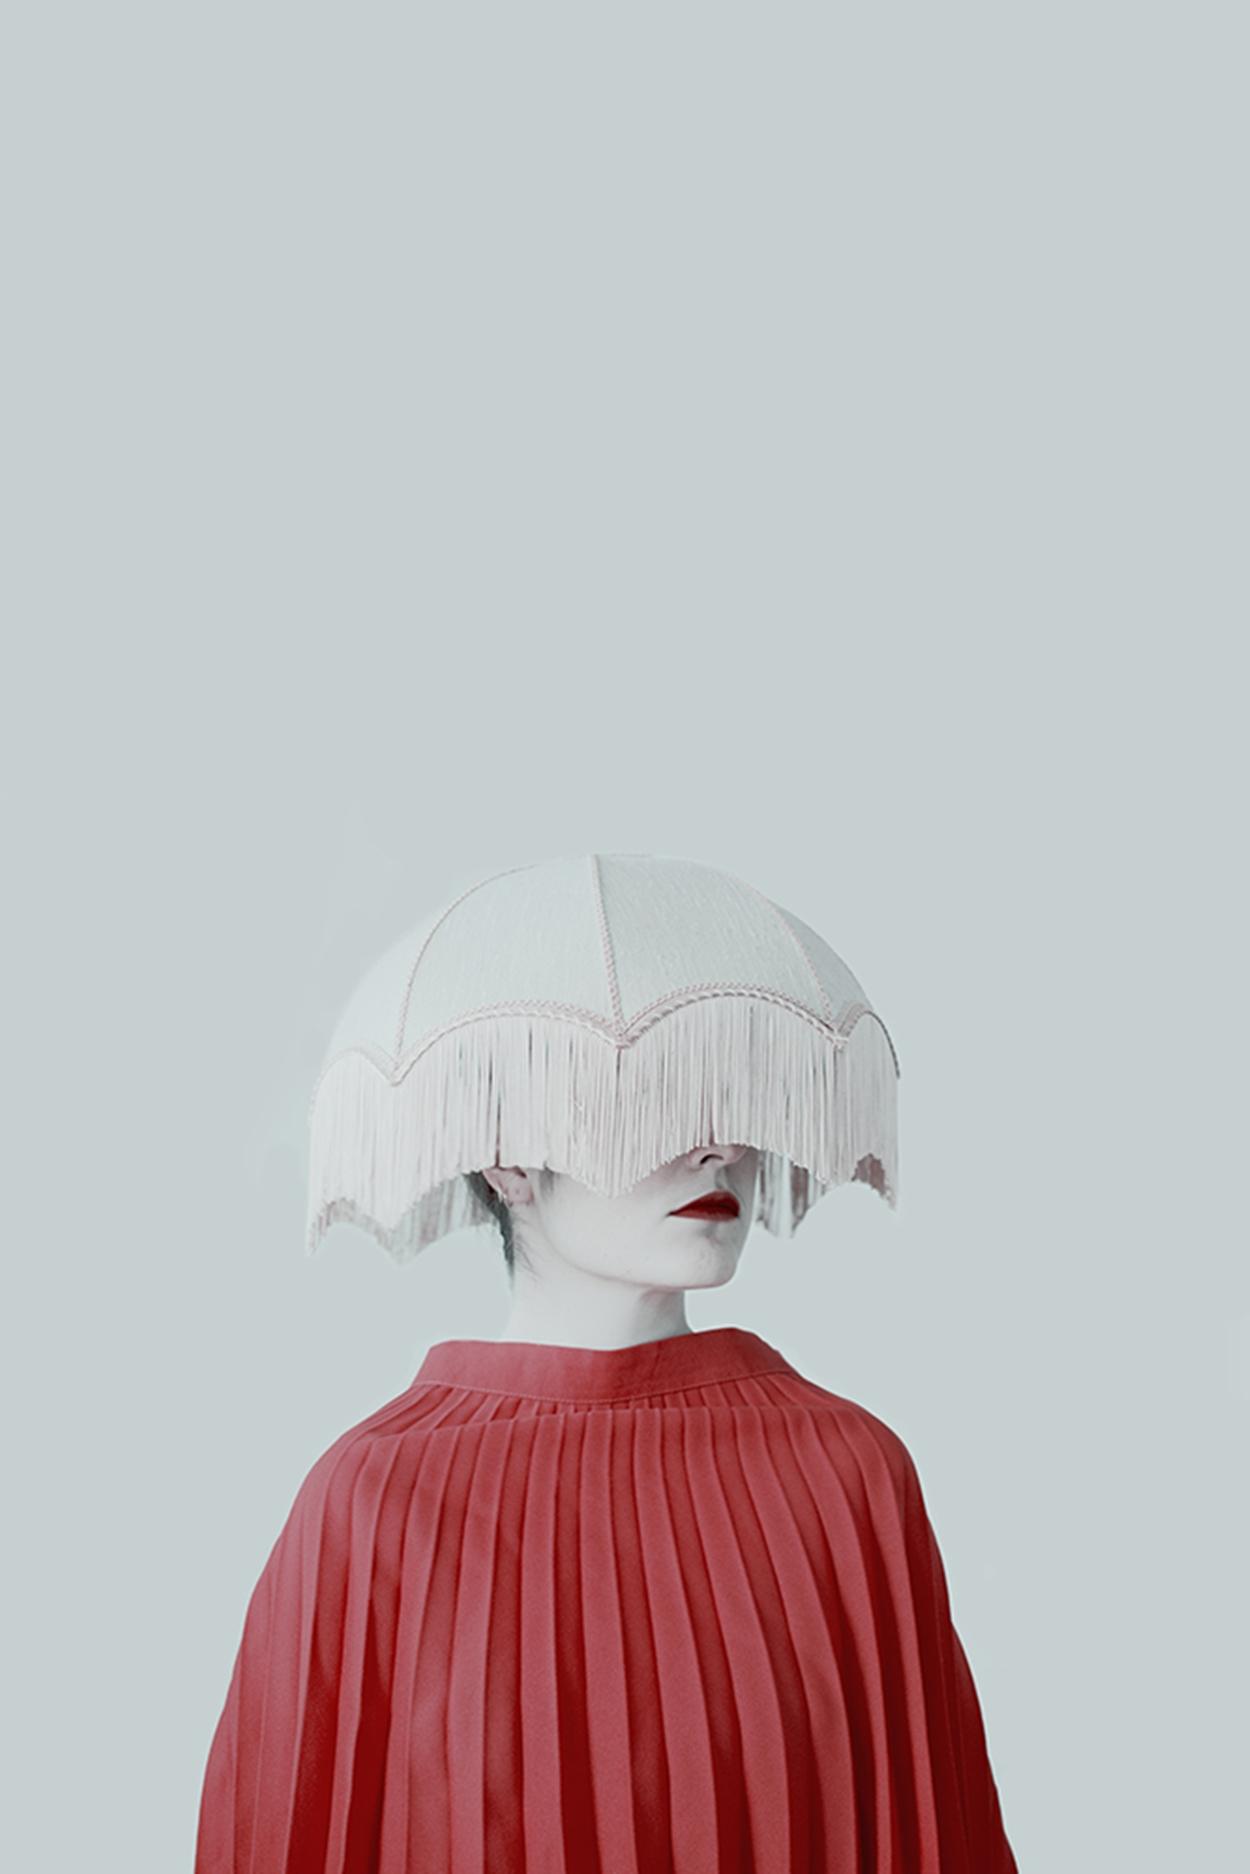 Mulheres que fotografam: Anne-Laure Etienne